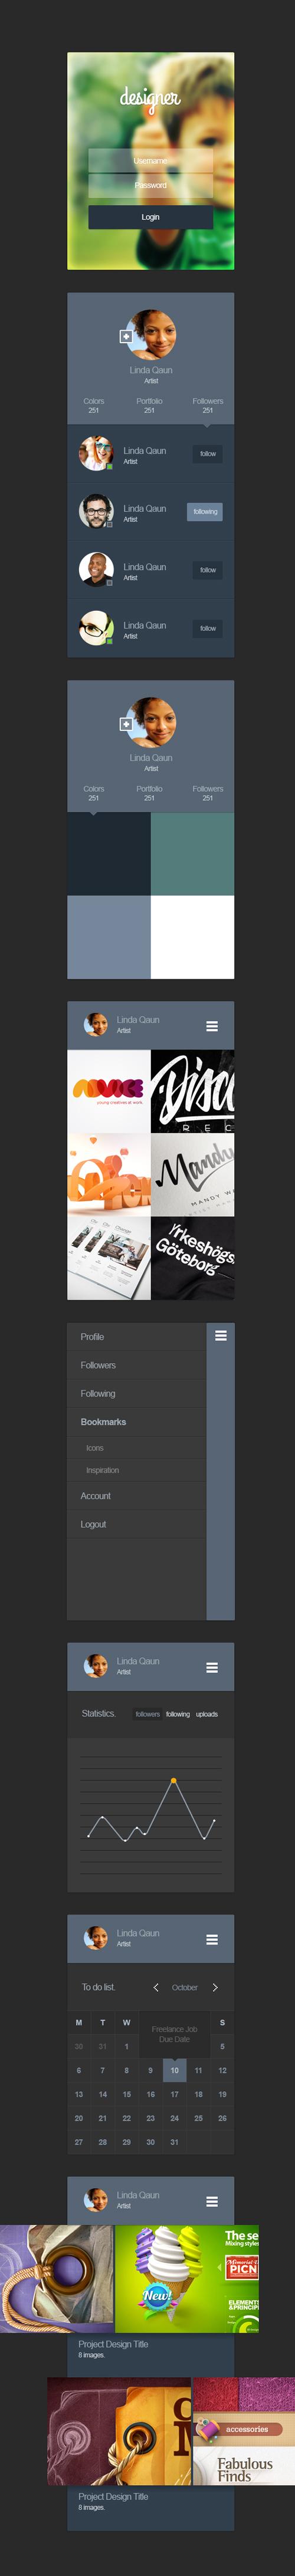 Portfolio App Ui Kit (psd)